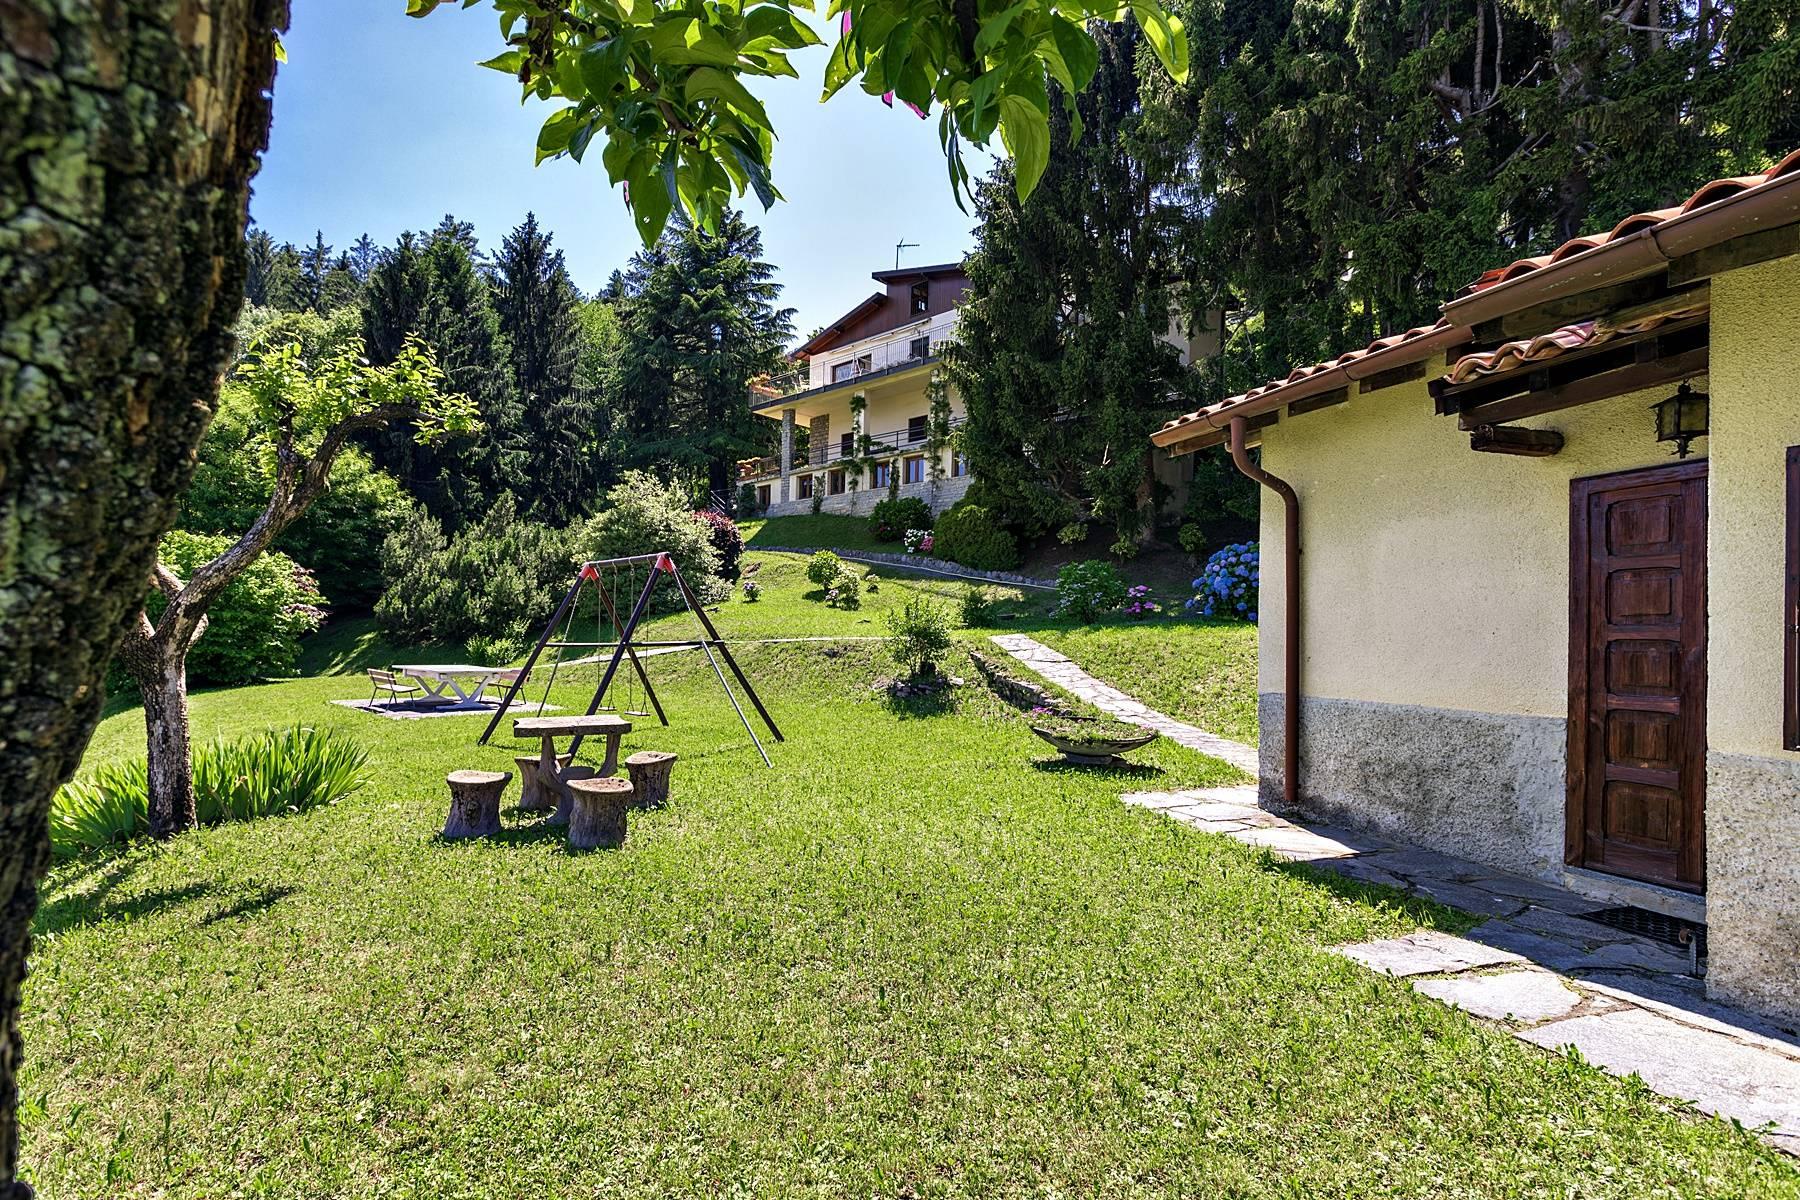 Villa in Vendita a Civenna: 5 locali, 278 mq - Foto 5